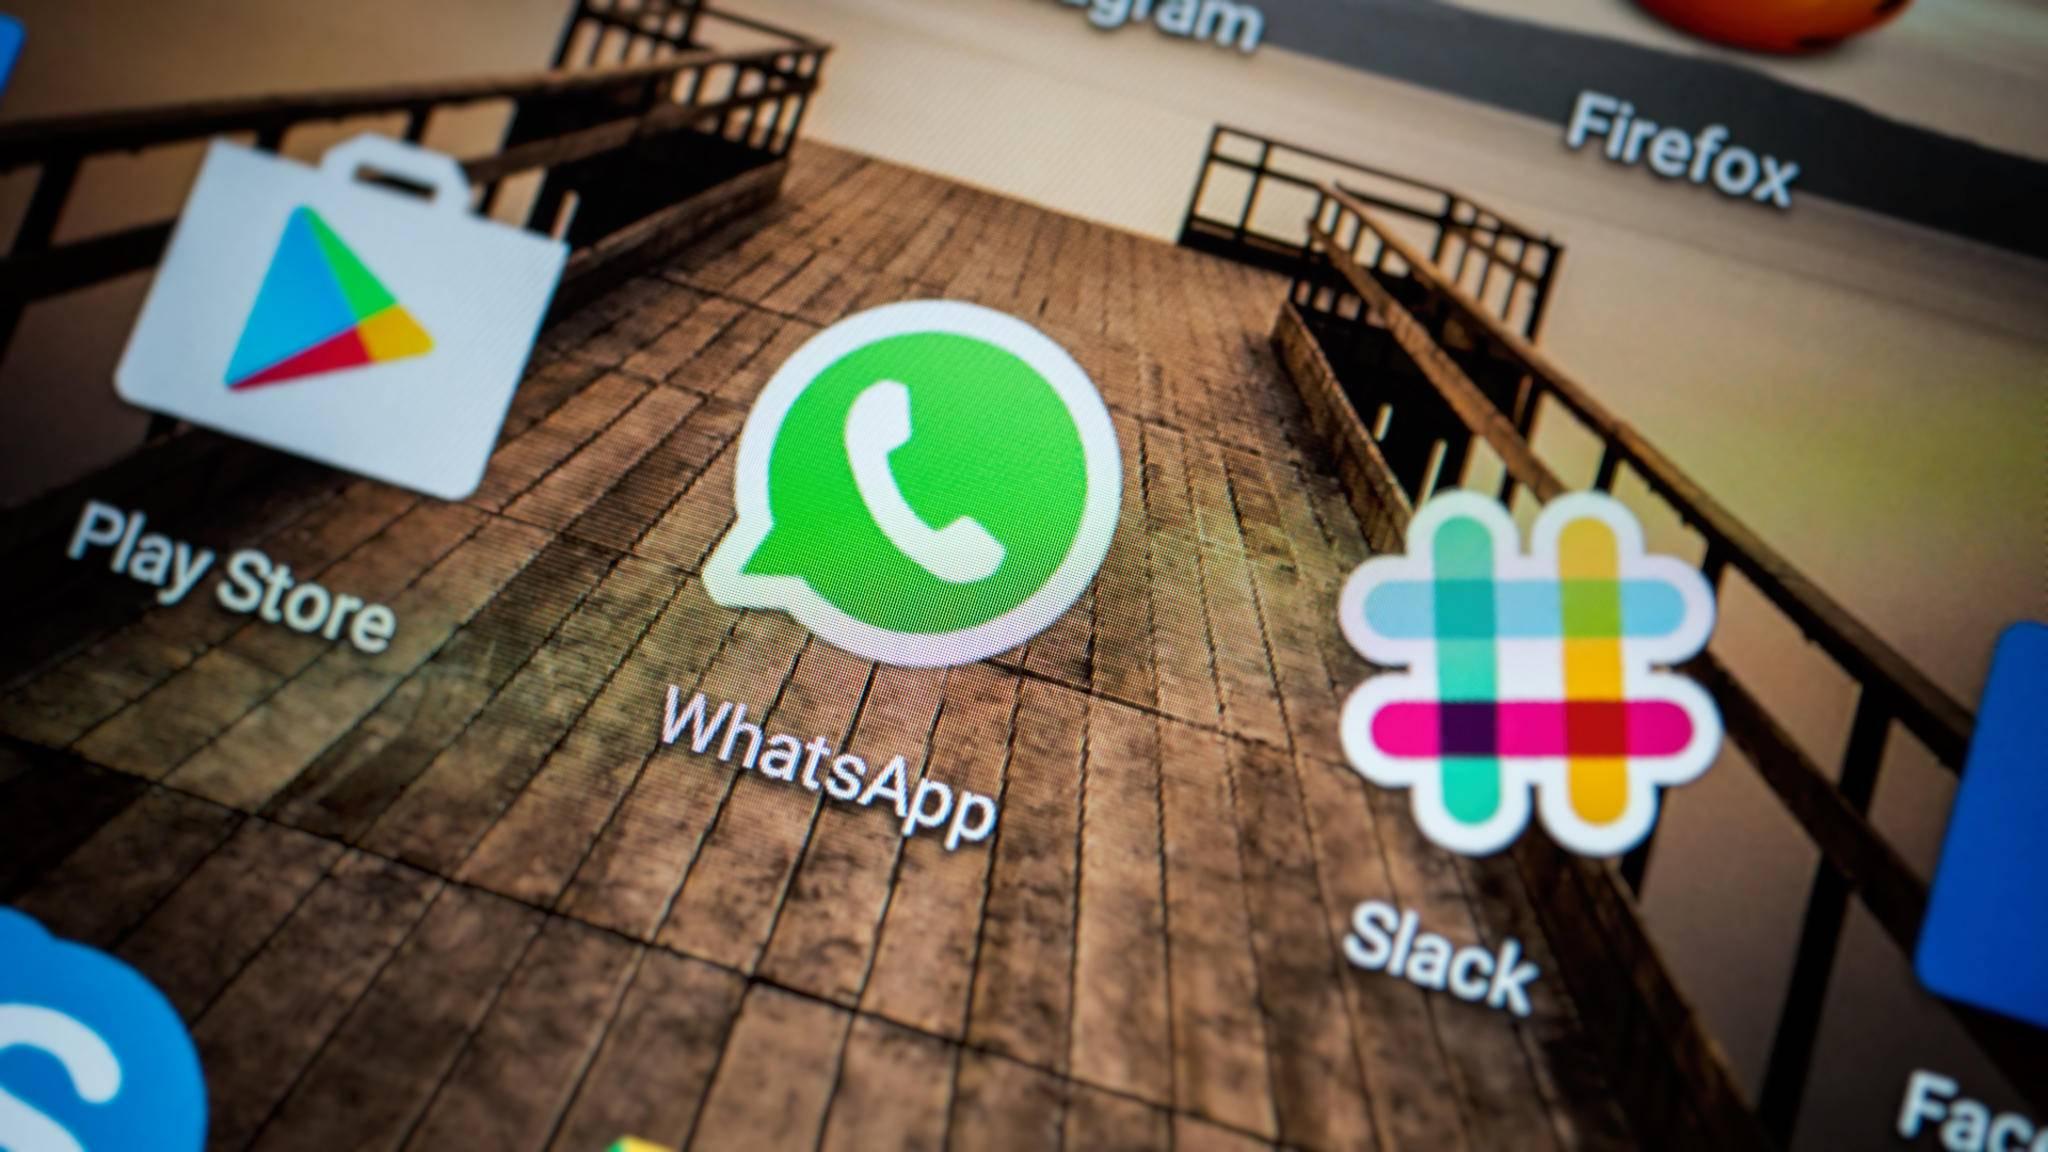 Keine Lust auf die neueste WhatsApp-Version? Dann installiere einfach eine alte Version.